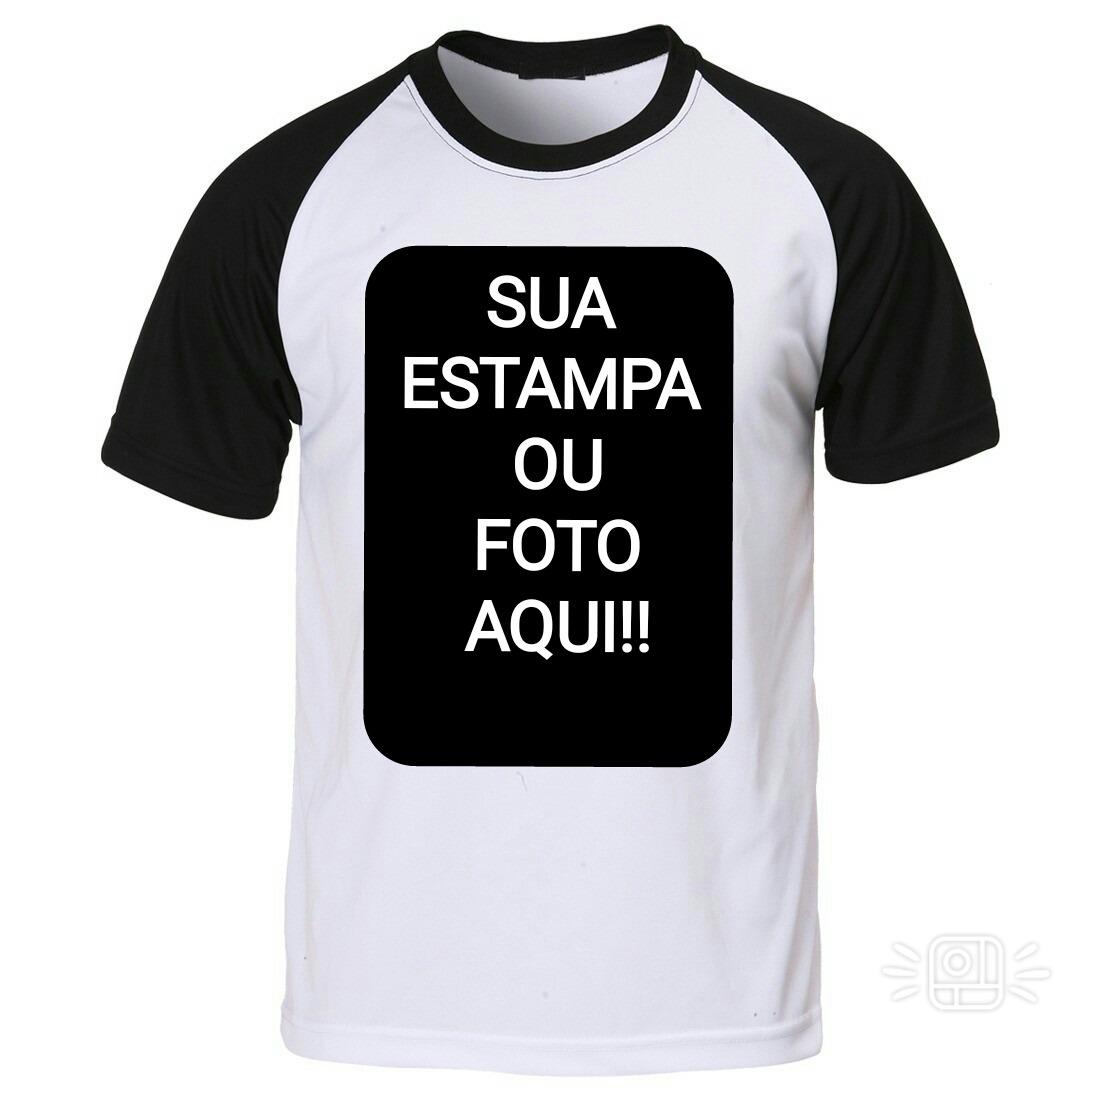 fd6e11ba9 camisa raglan preta personalizada preço baixo. Carregando zoom.